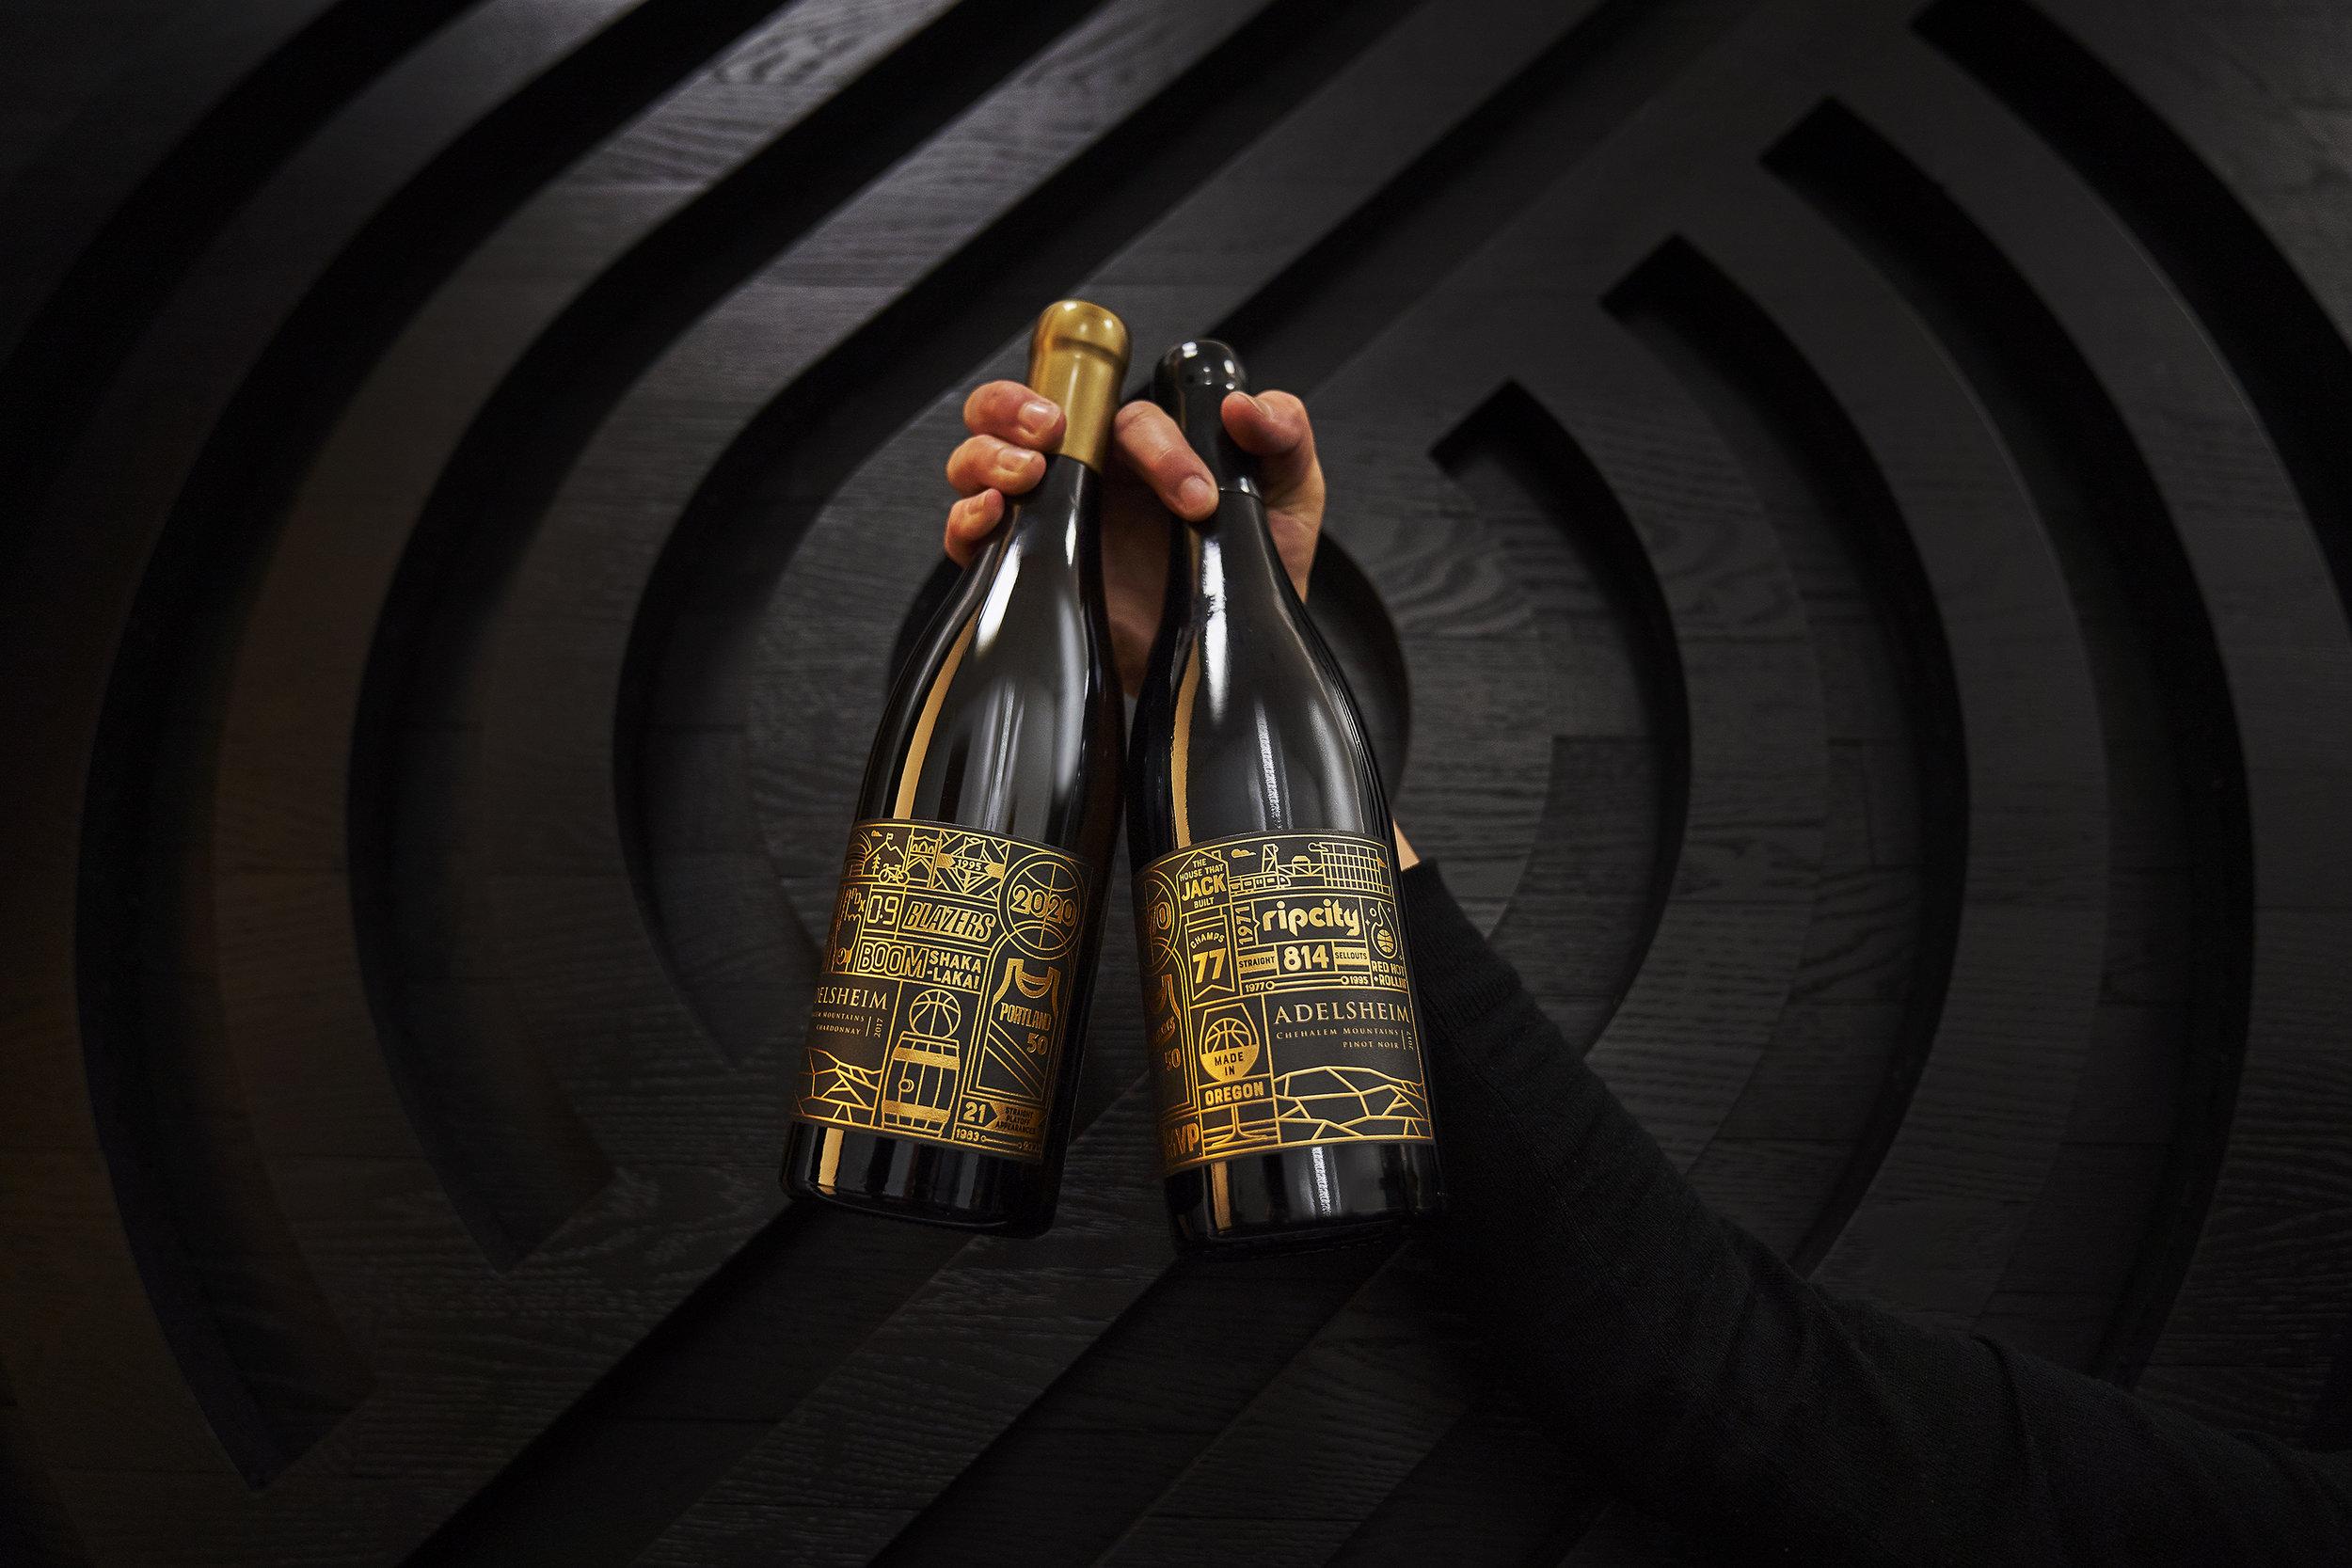 adelsheim-blazer-bottles.jpg